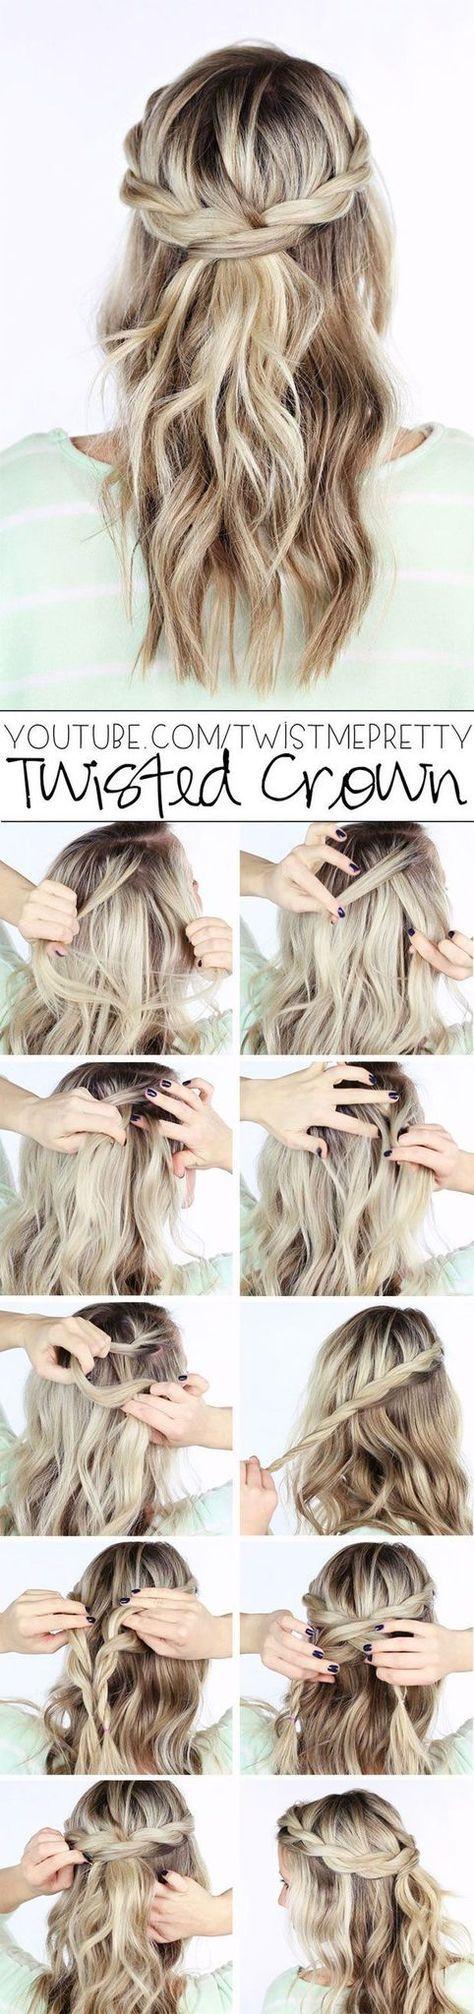 Un peinado sencillo y muy natural. Ideal para novias e invitadas.